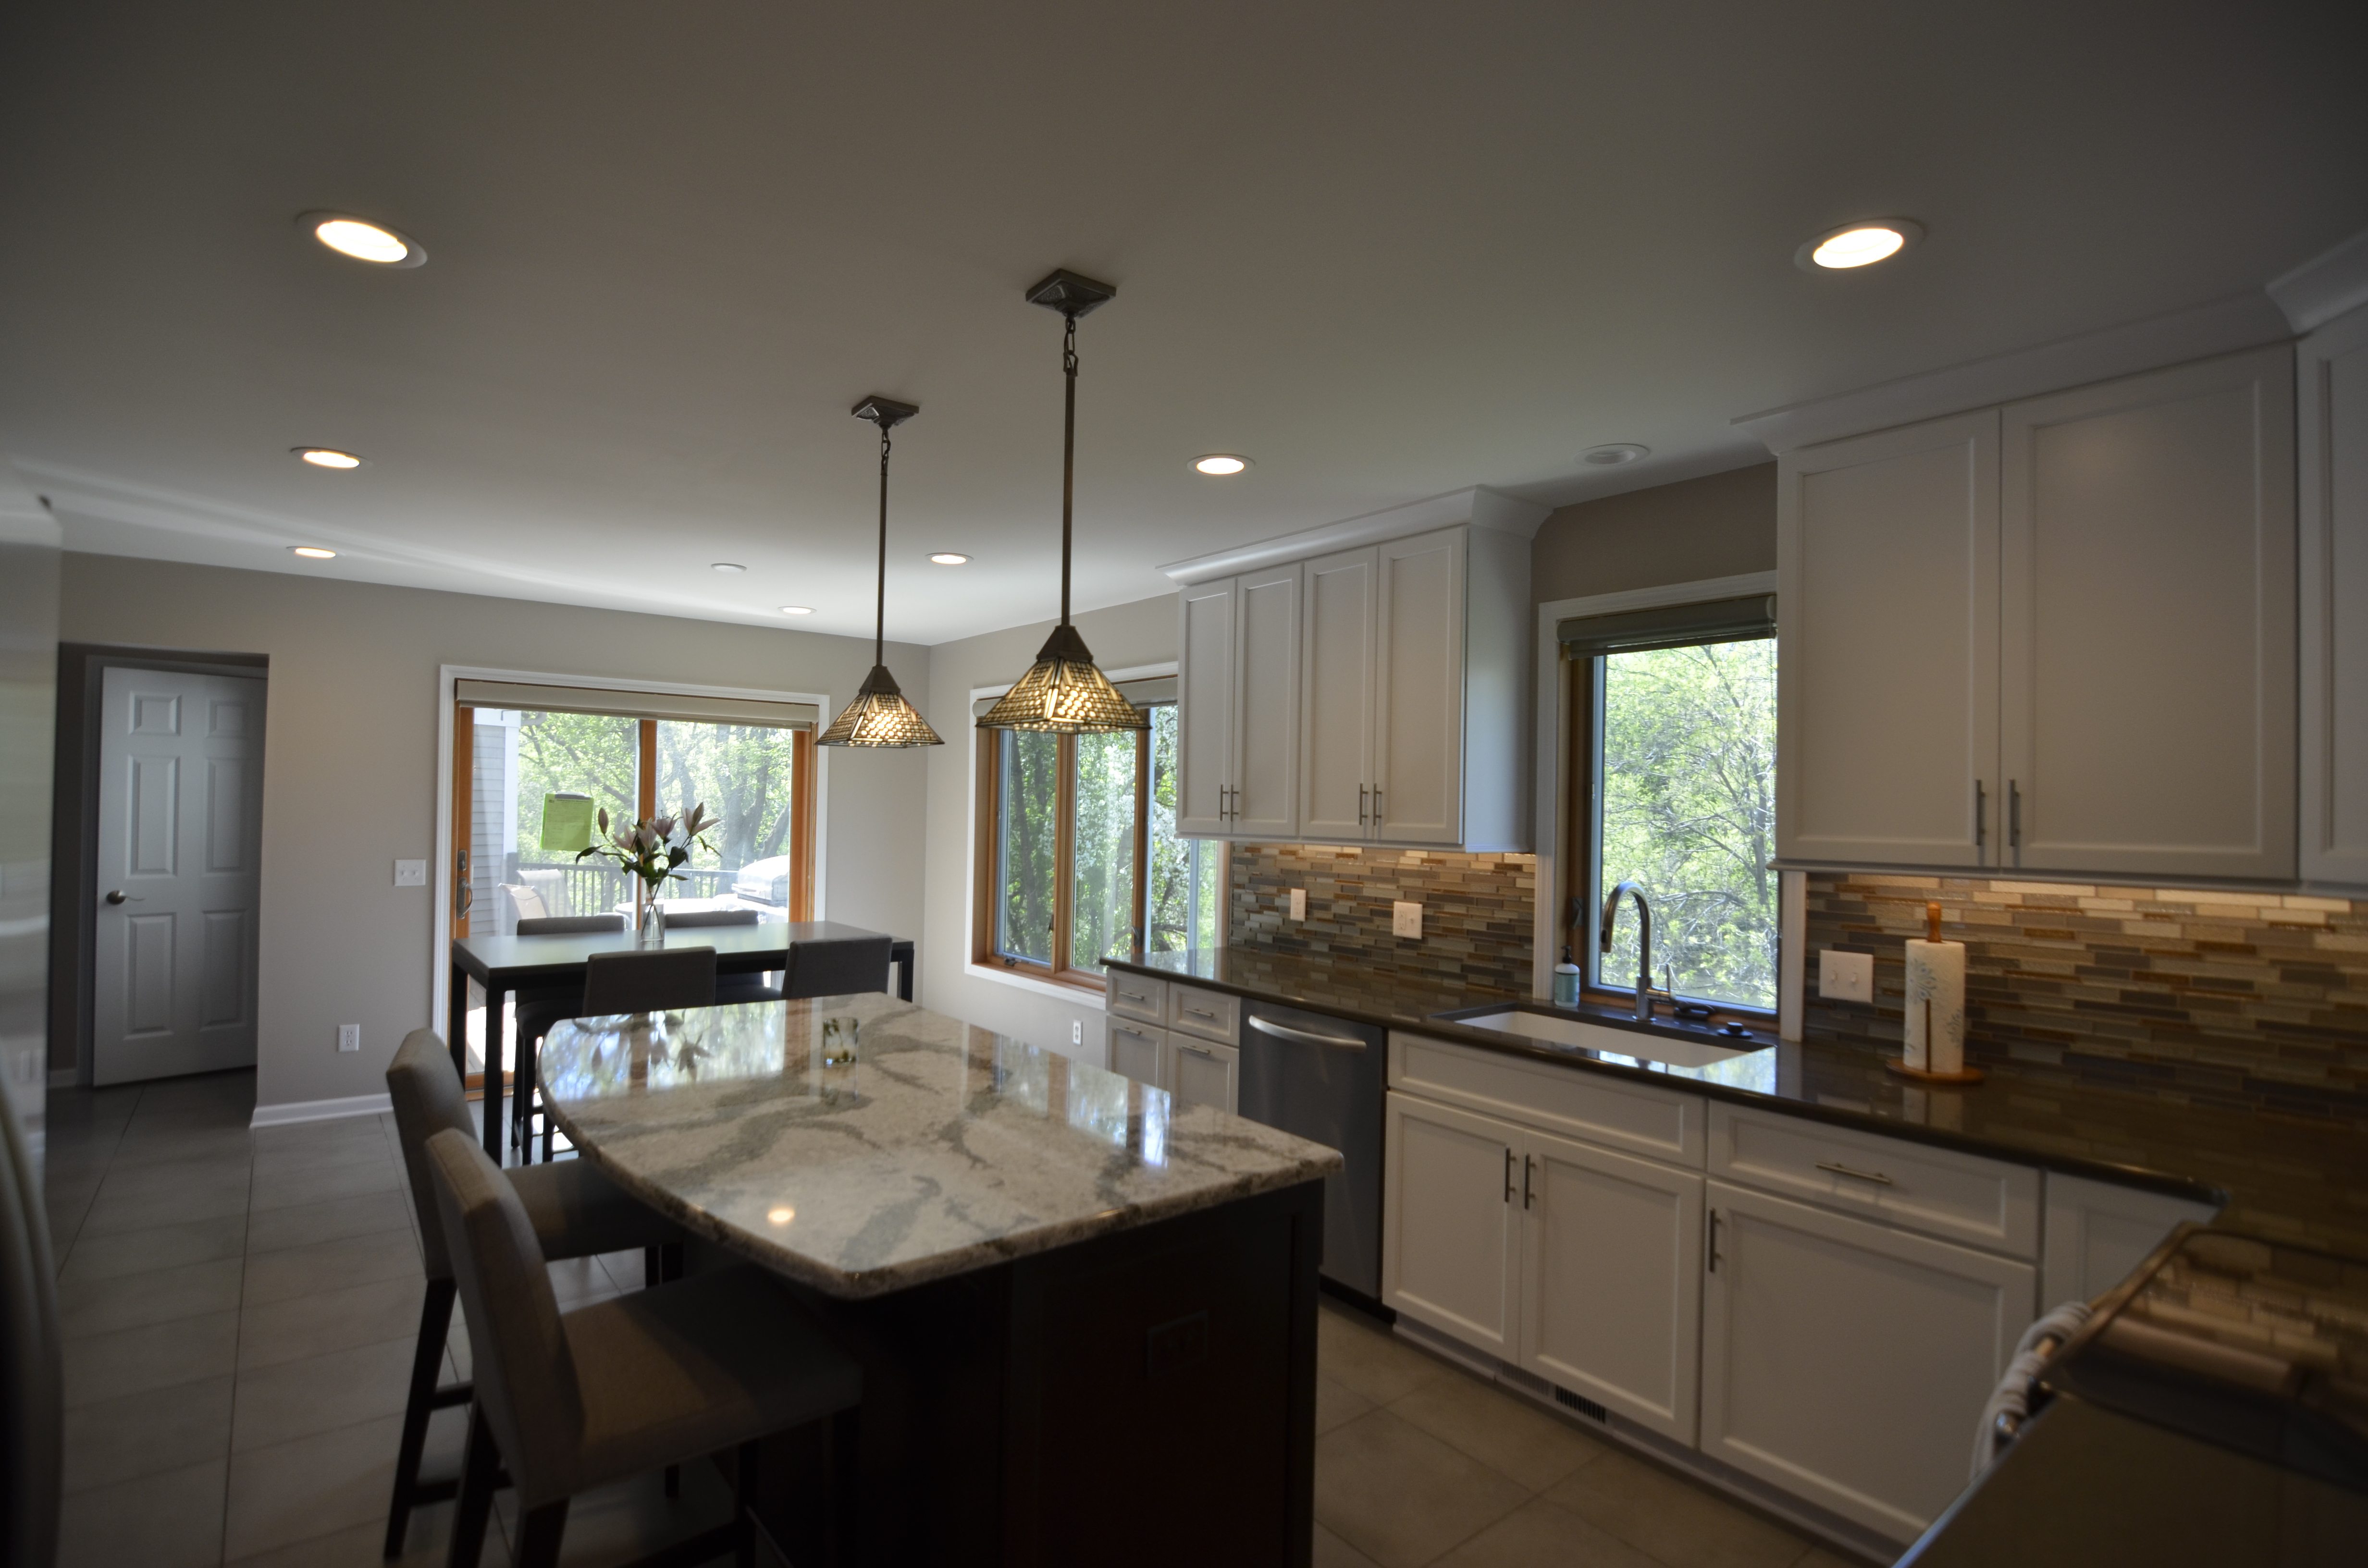 White Painted Kitchen, Mendota Hghts